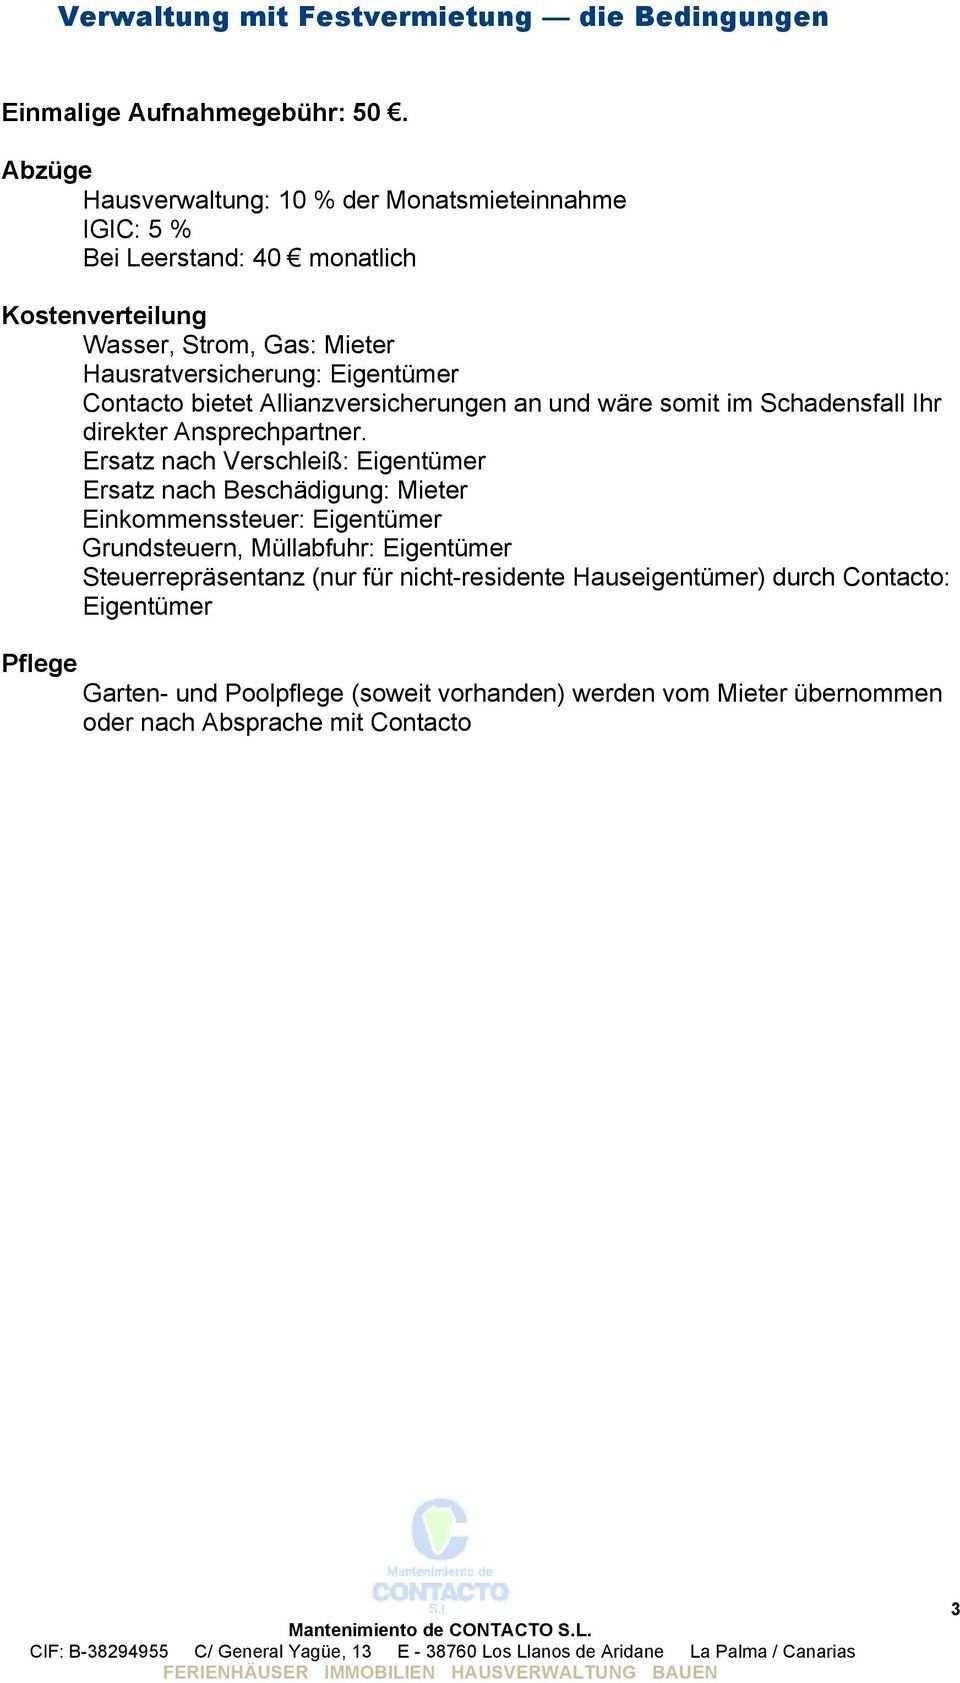 Hausverwaltung Mit Festvermietung Pdf Kostenfreier Download